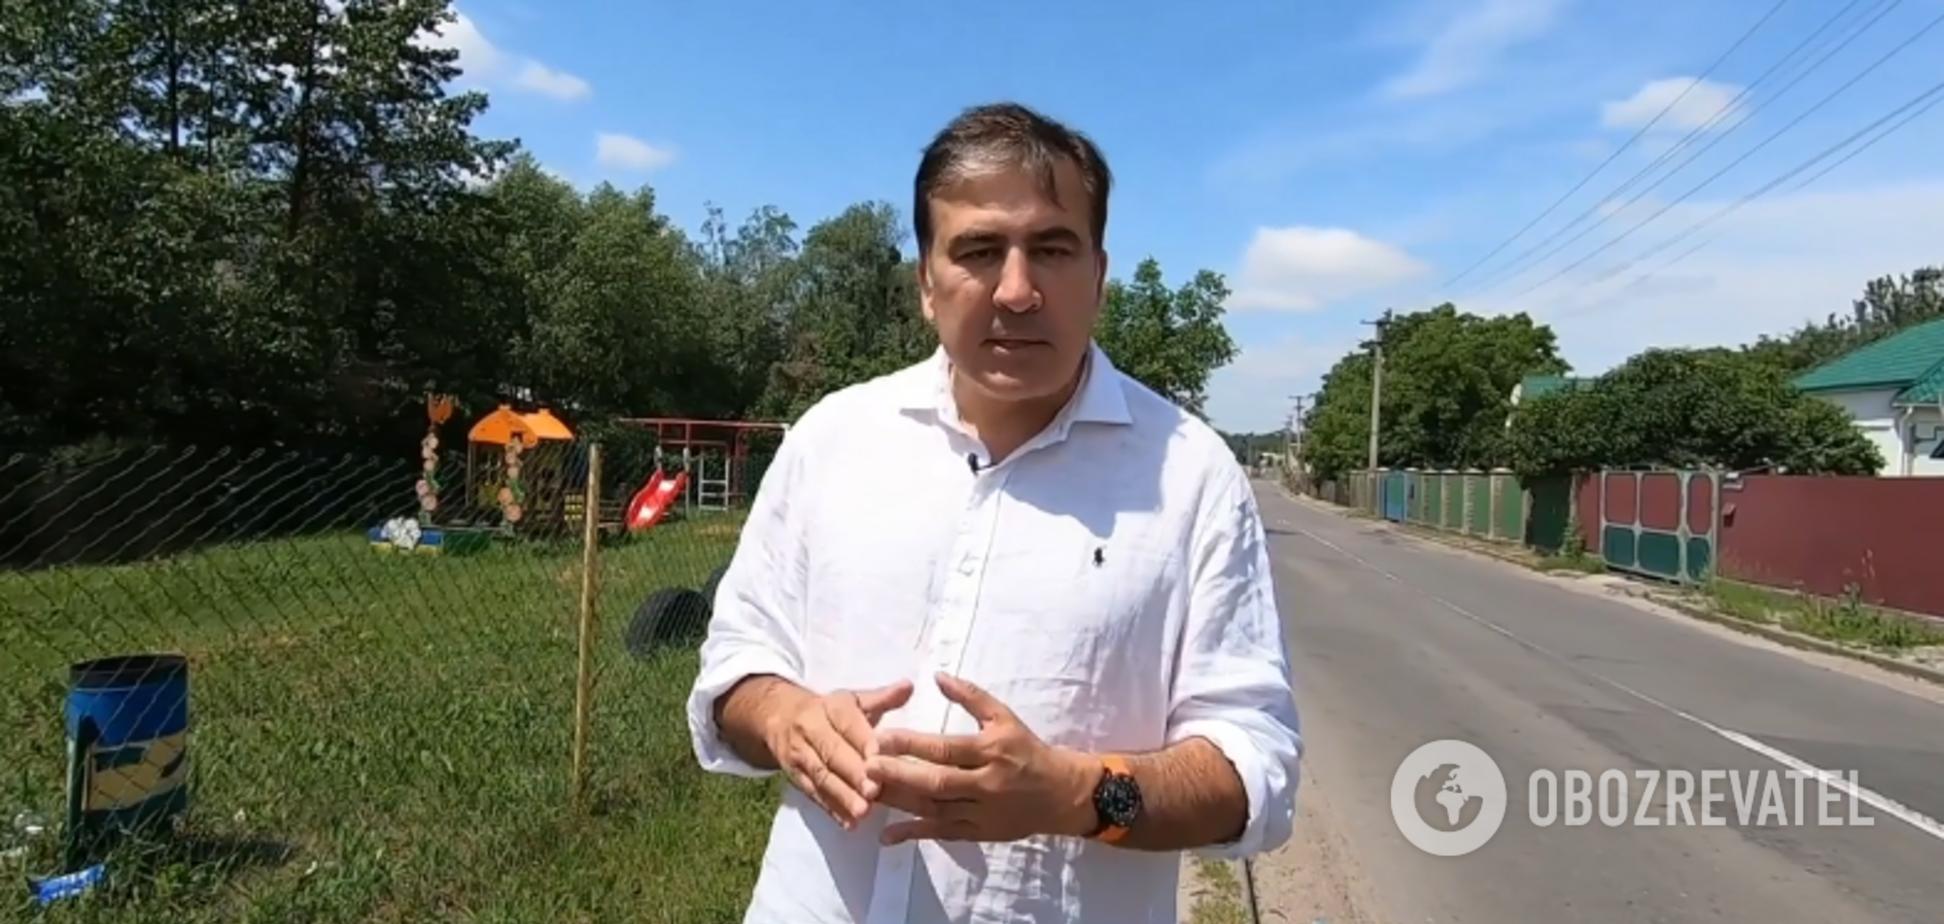 Кличко позвал Саакашвили в УДАР: президент Грузии растерялся и спросил совета на улице. Видео